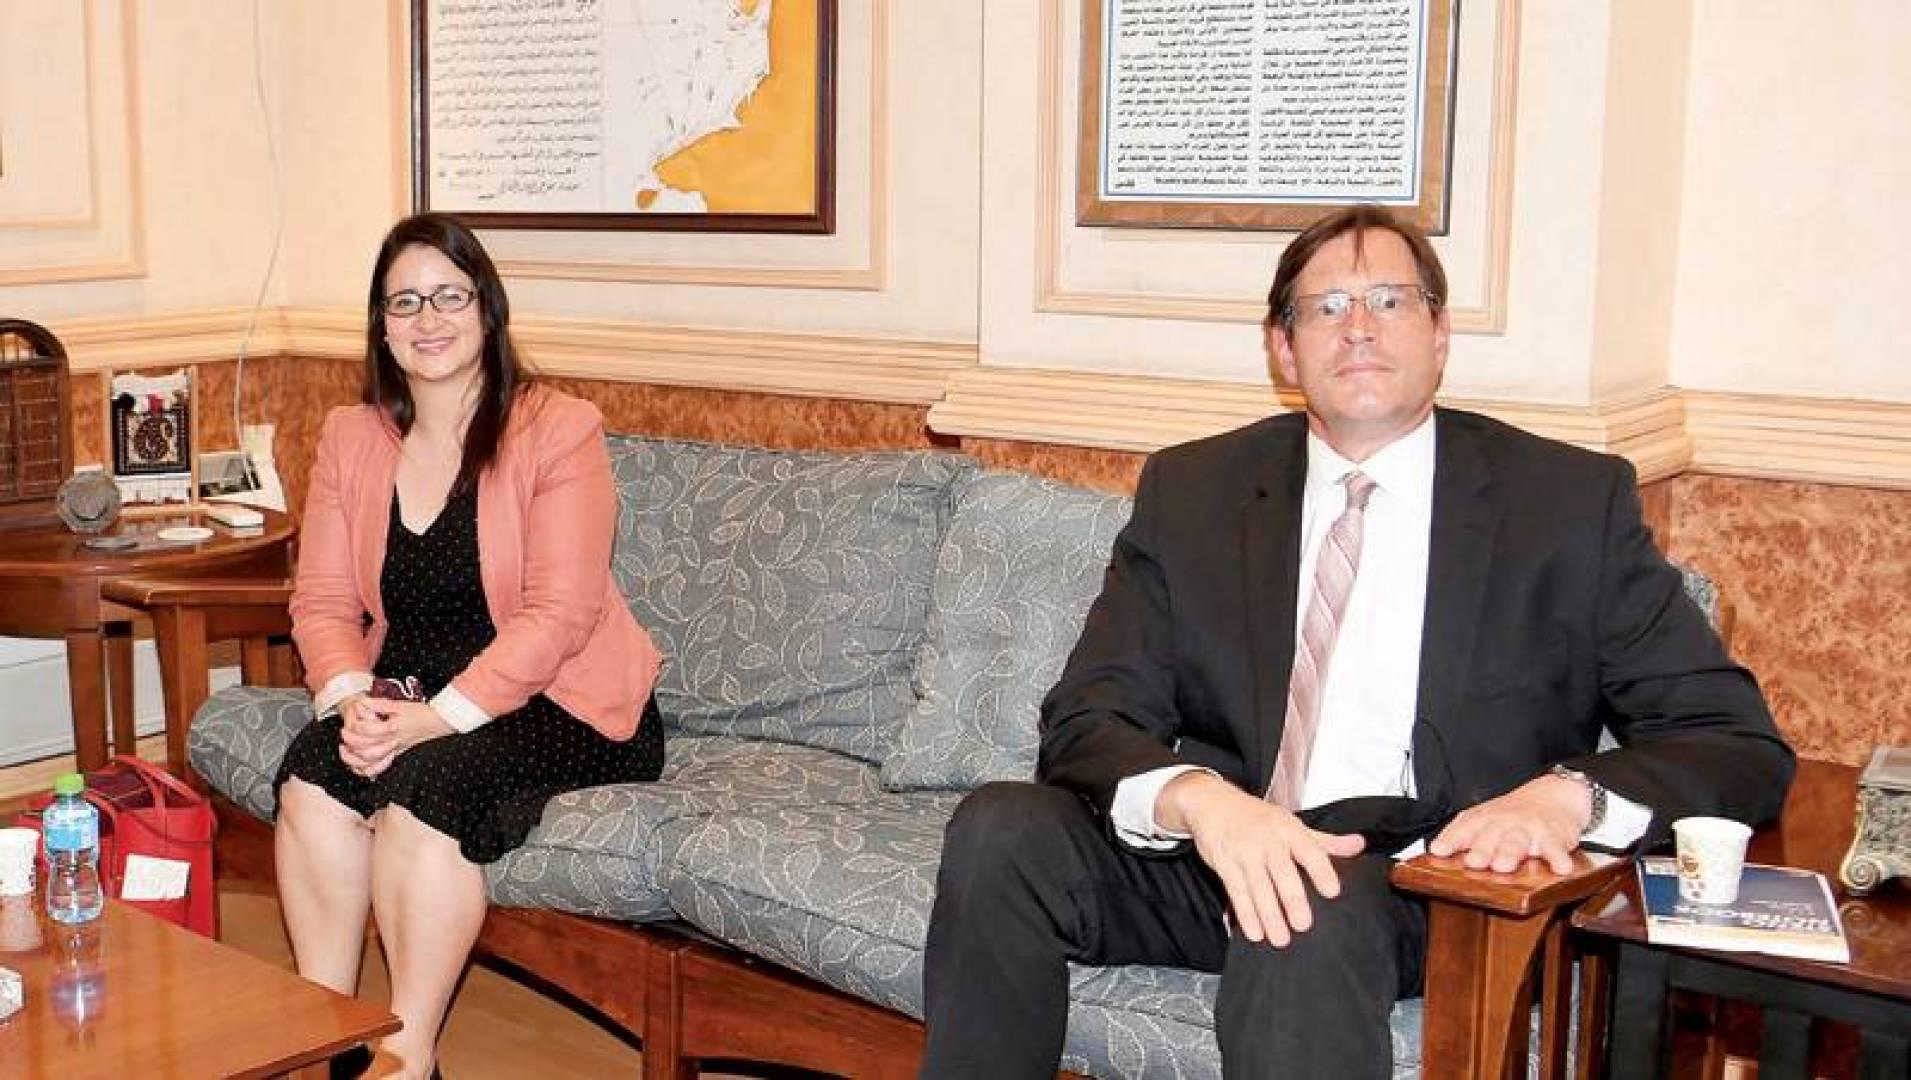 ستيوارت بايتز ولوردس لاميلا خلال زيارة القبس   (تصوير: حسني هلال)